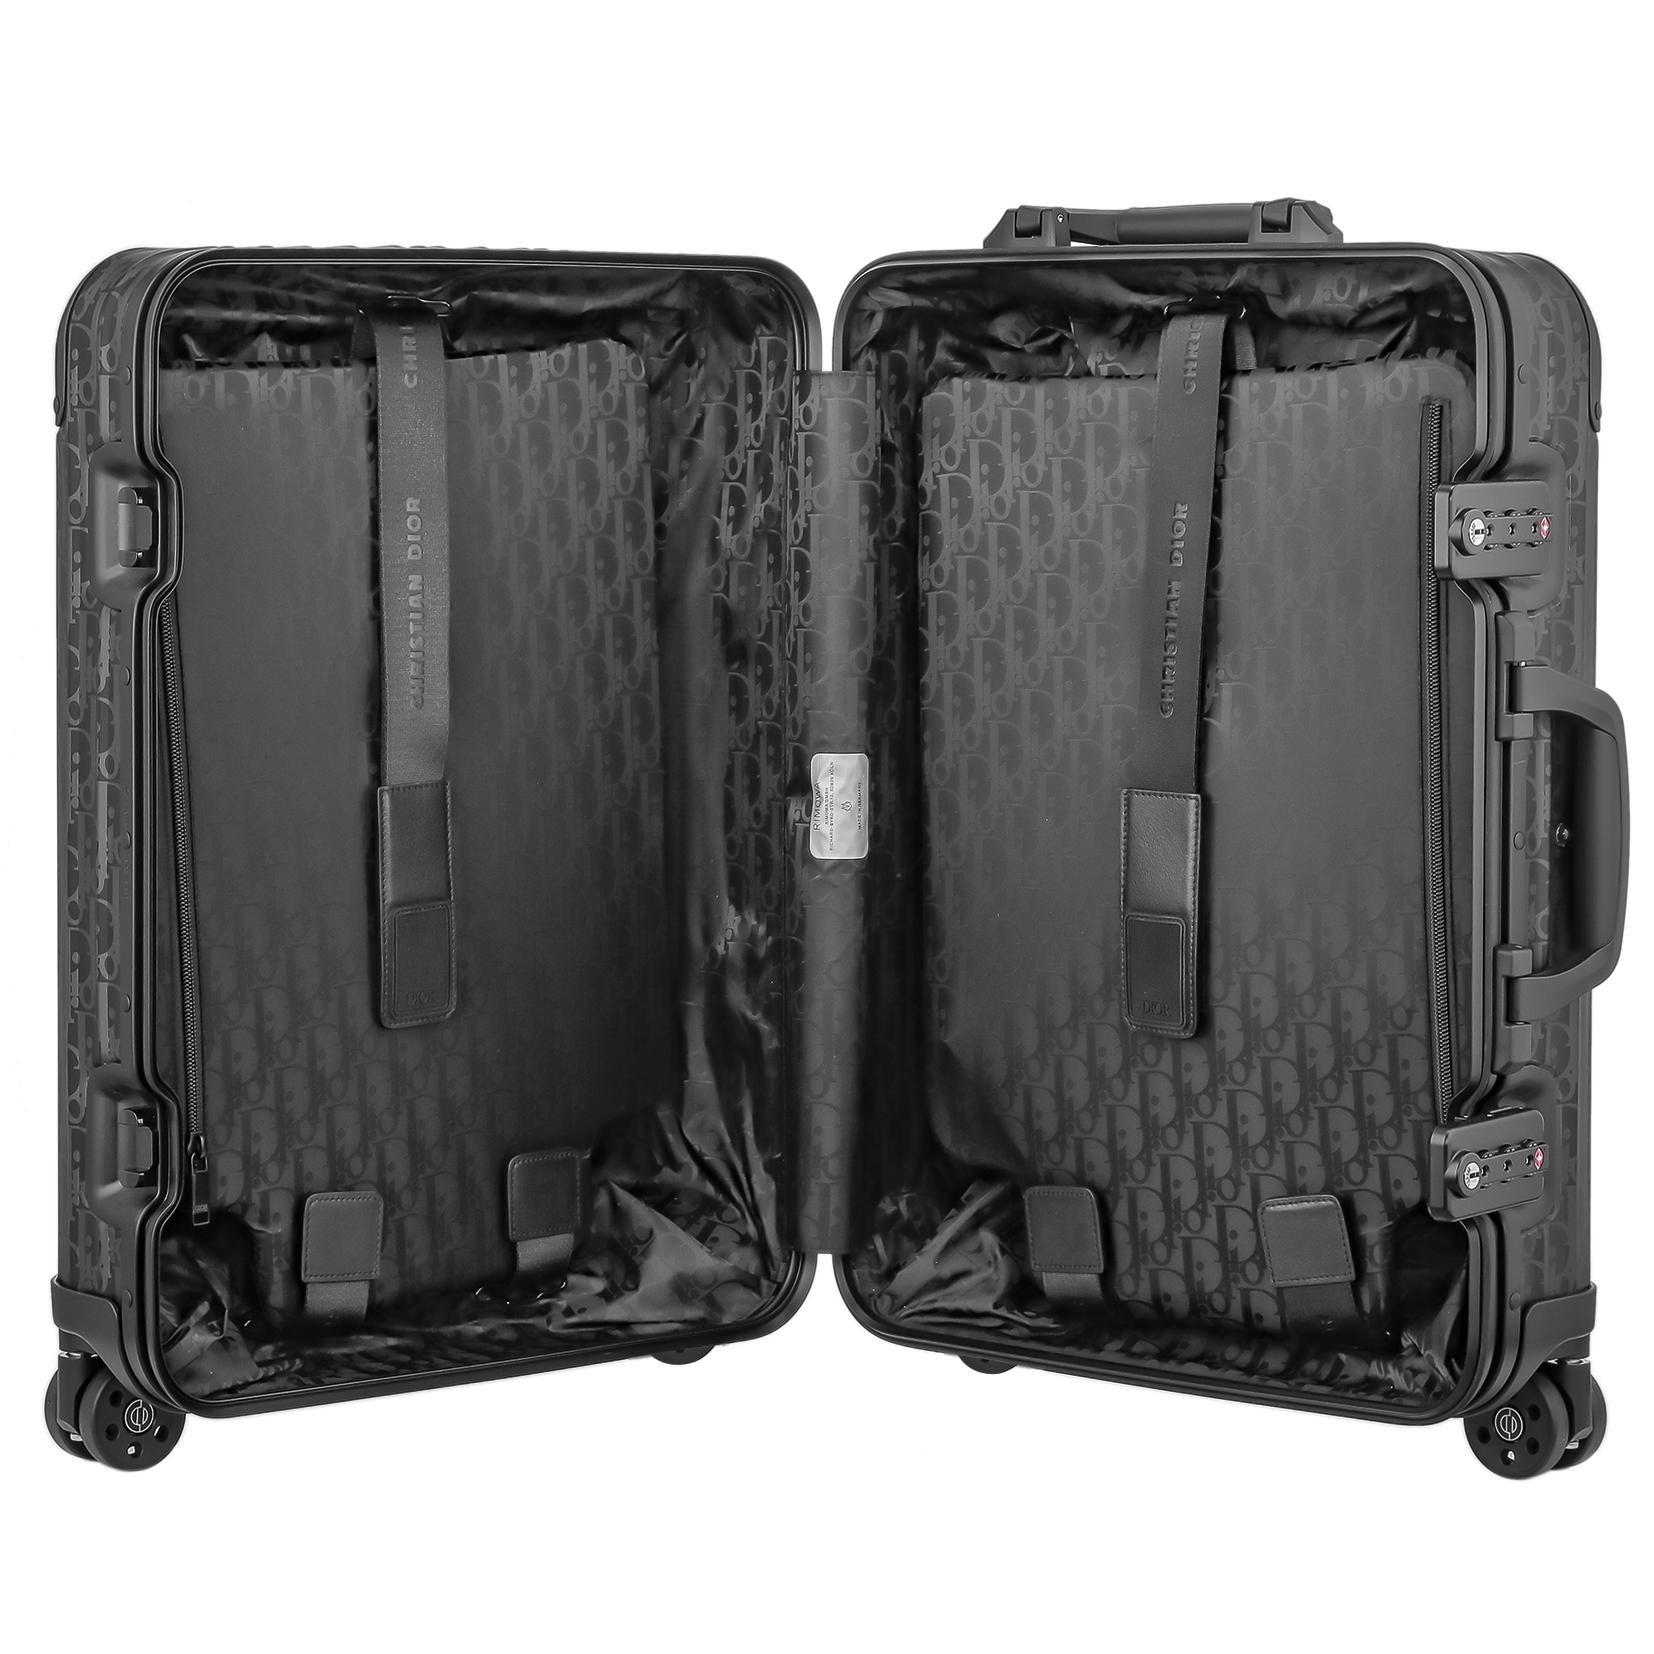 【お取り寄せ】【送料無料】リモワ RIMOWA ディオールアンドリモワ 【DIOR AND RIMOWA】 スーツケース キャビン 925.90.02.7 35L 4.3kg ブラック 2泊~3泊 TSAロック 機内持ち込み可